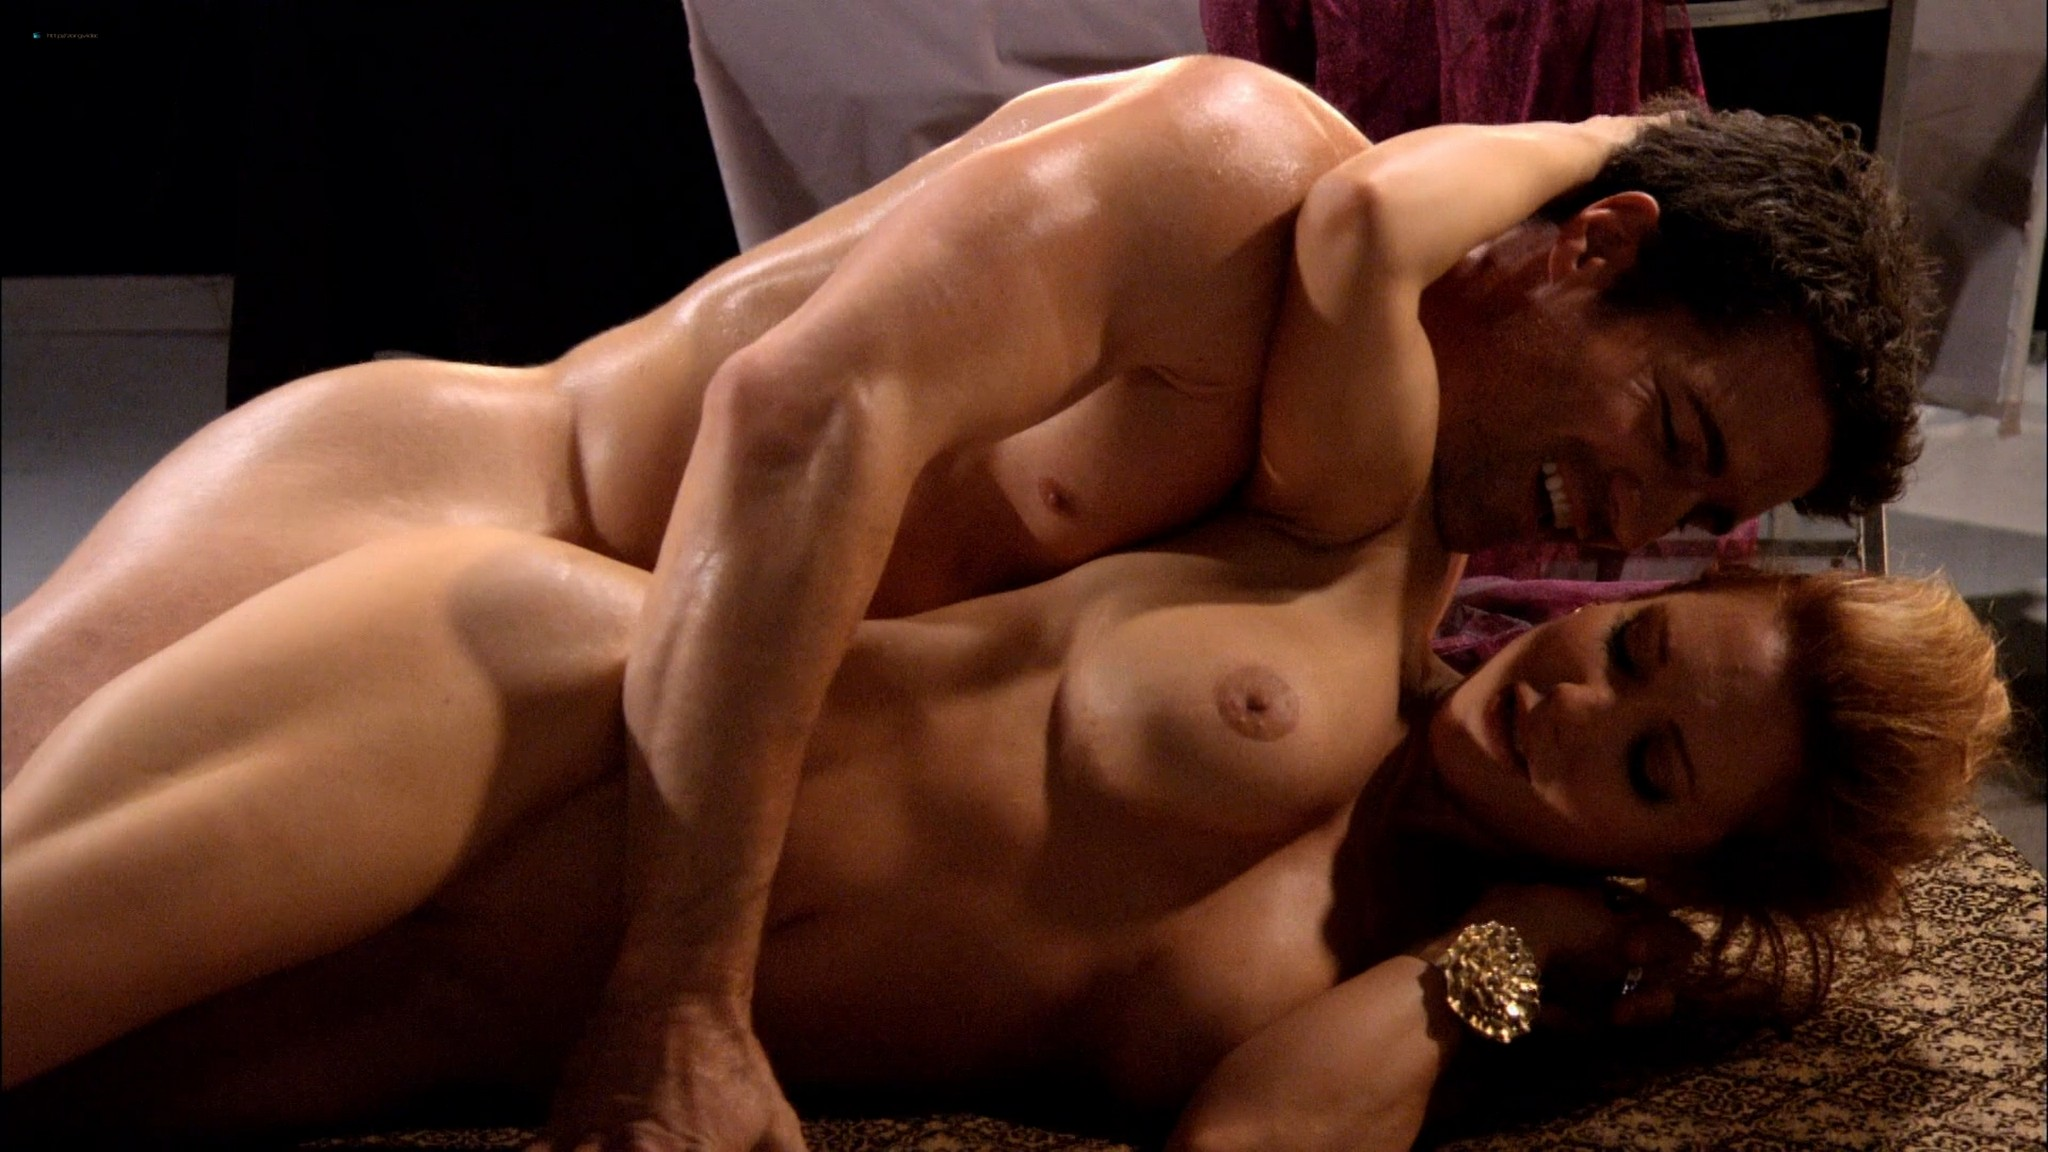 Jennifer Korbin nude hot sex Noelle DuBois Jessica Vandenberg nude sex too Lingerie 2009 s2e13 1080p 14